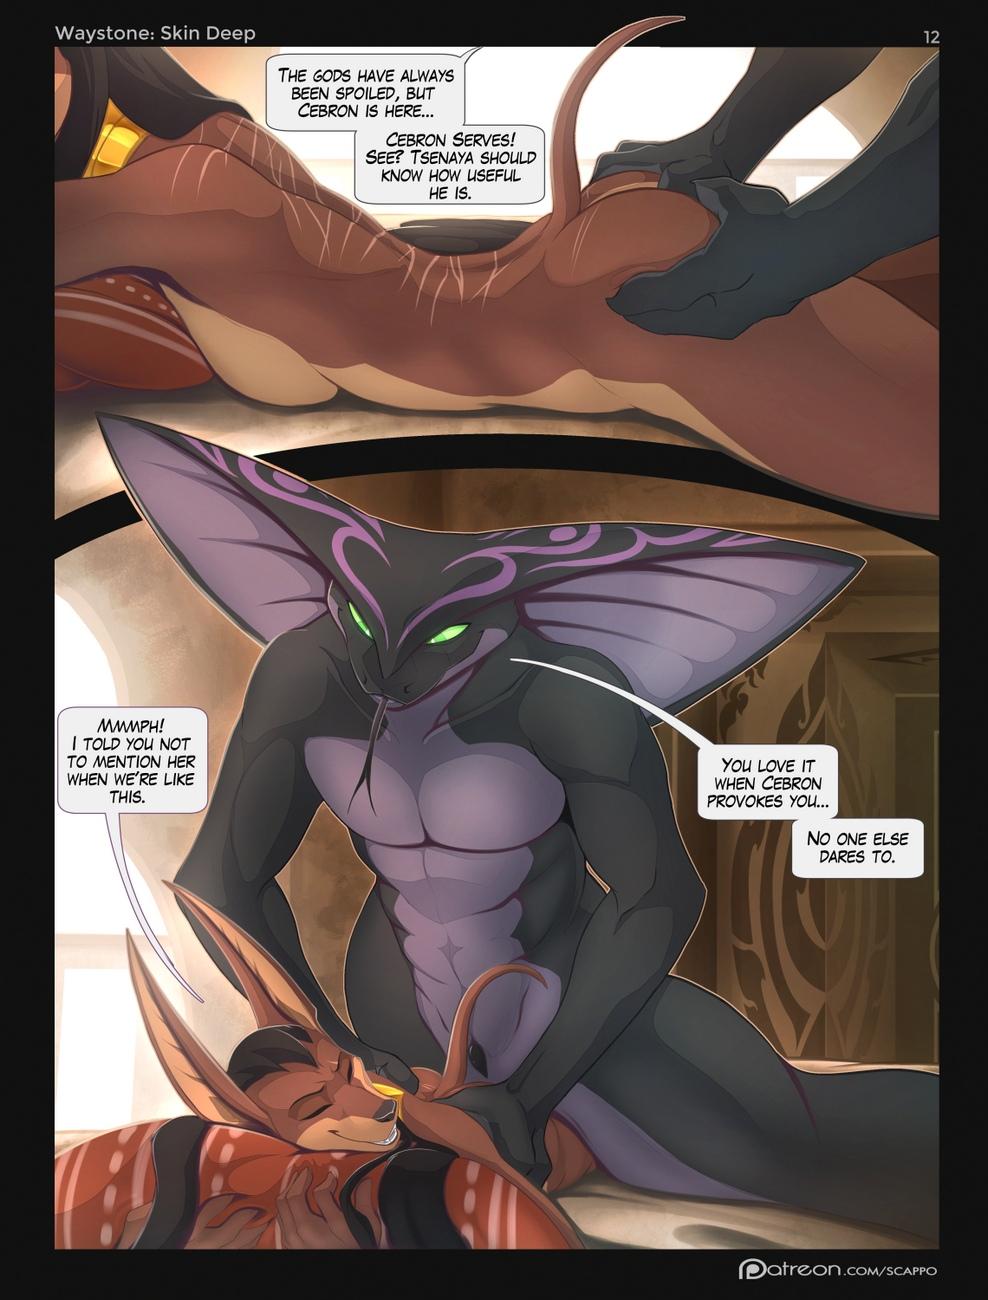 Waystone-Skin-Deep 13 free sex comic